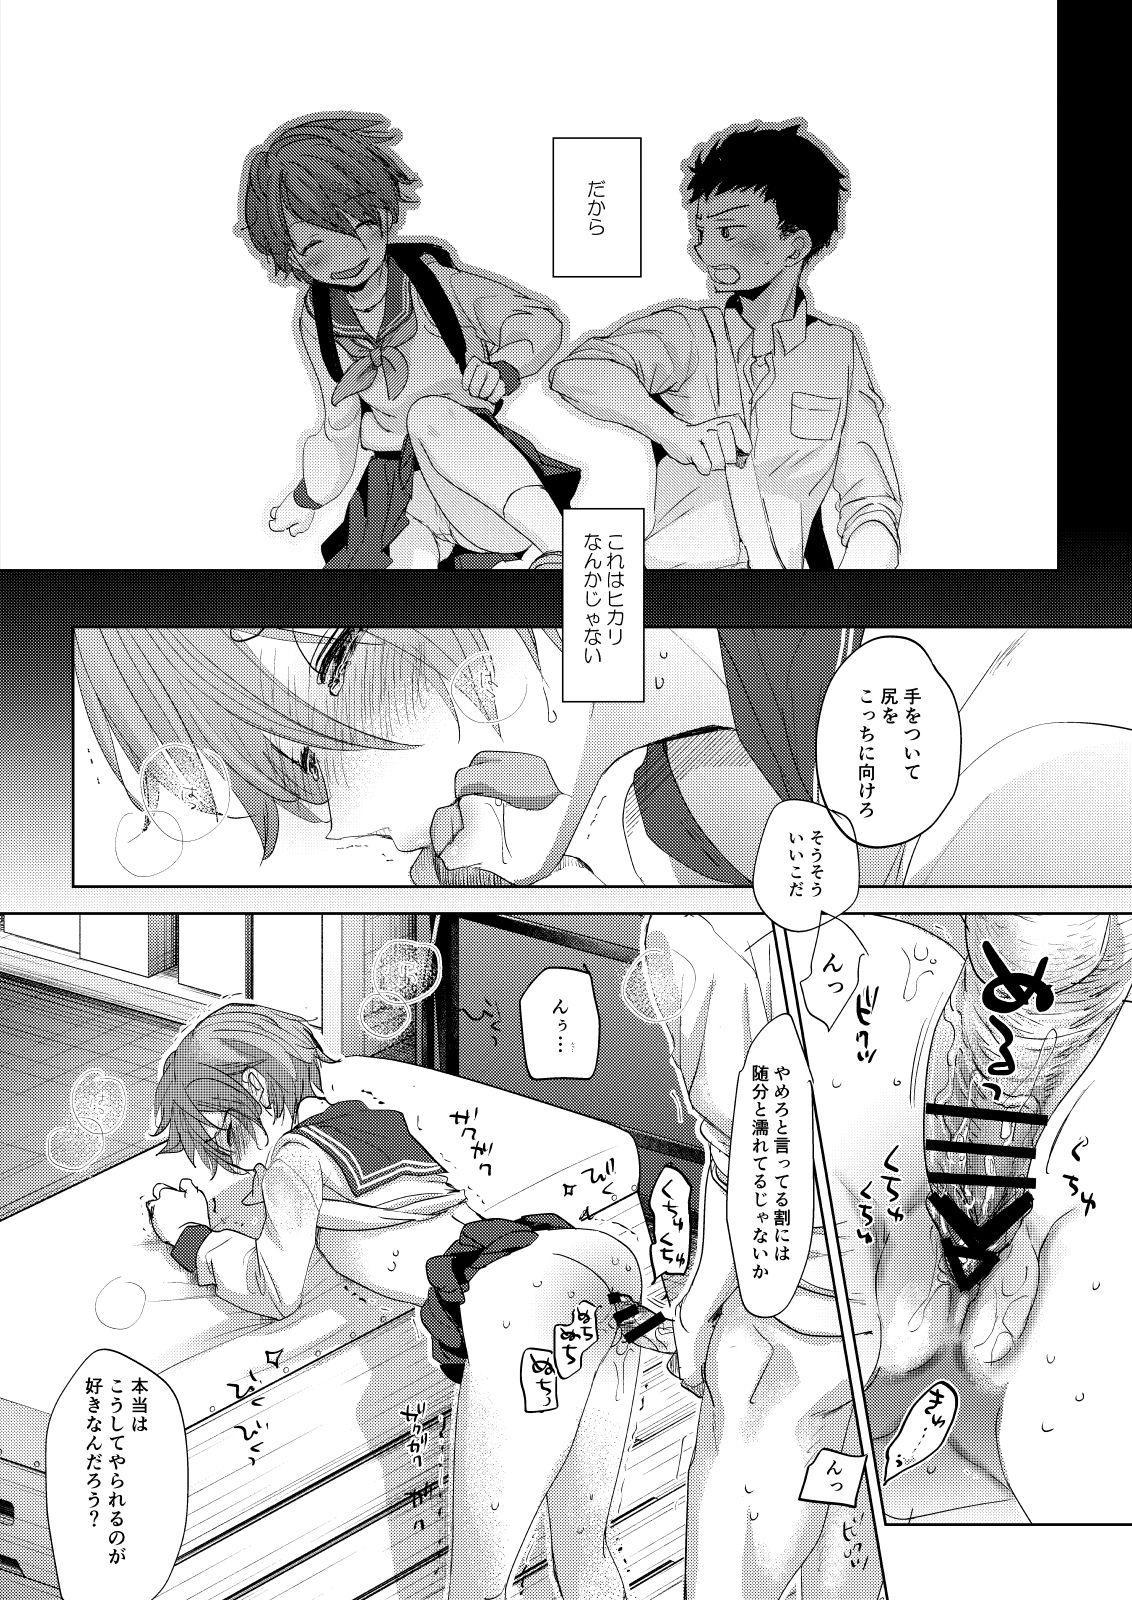 Ore no Himitsu Kichi 17